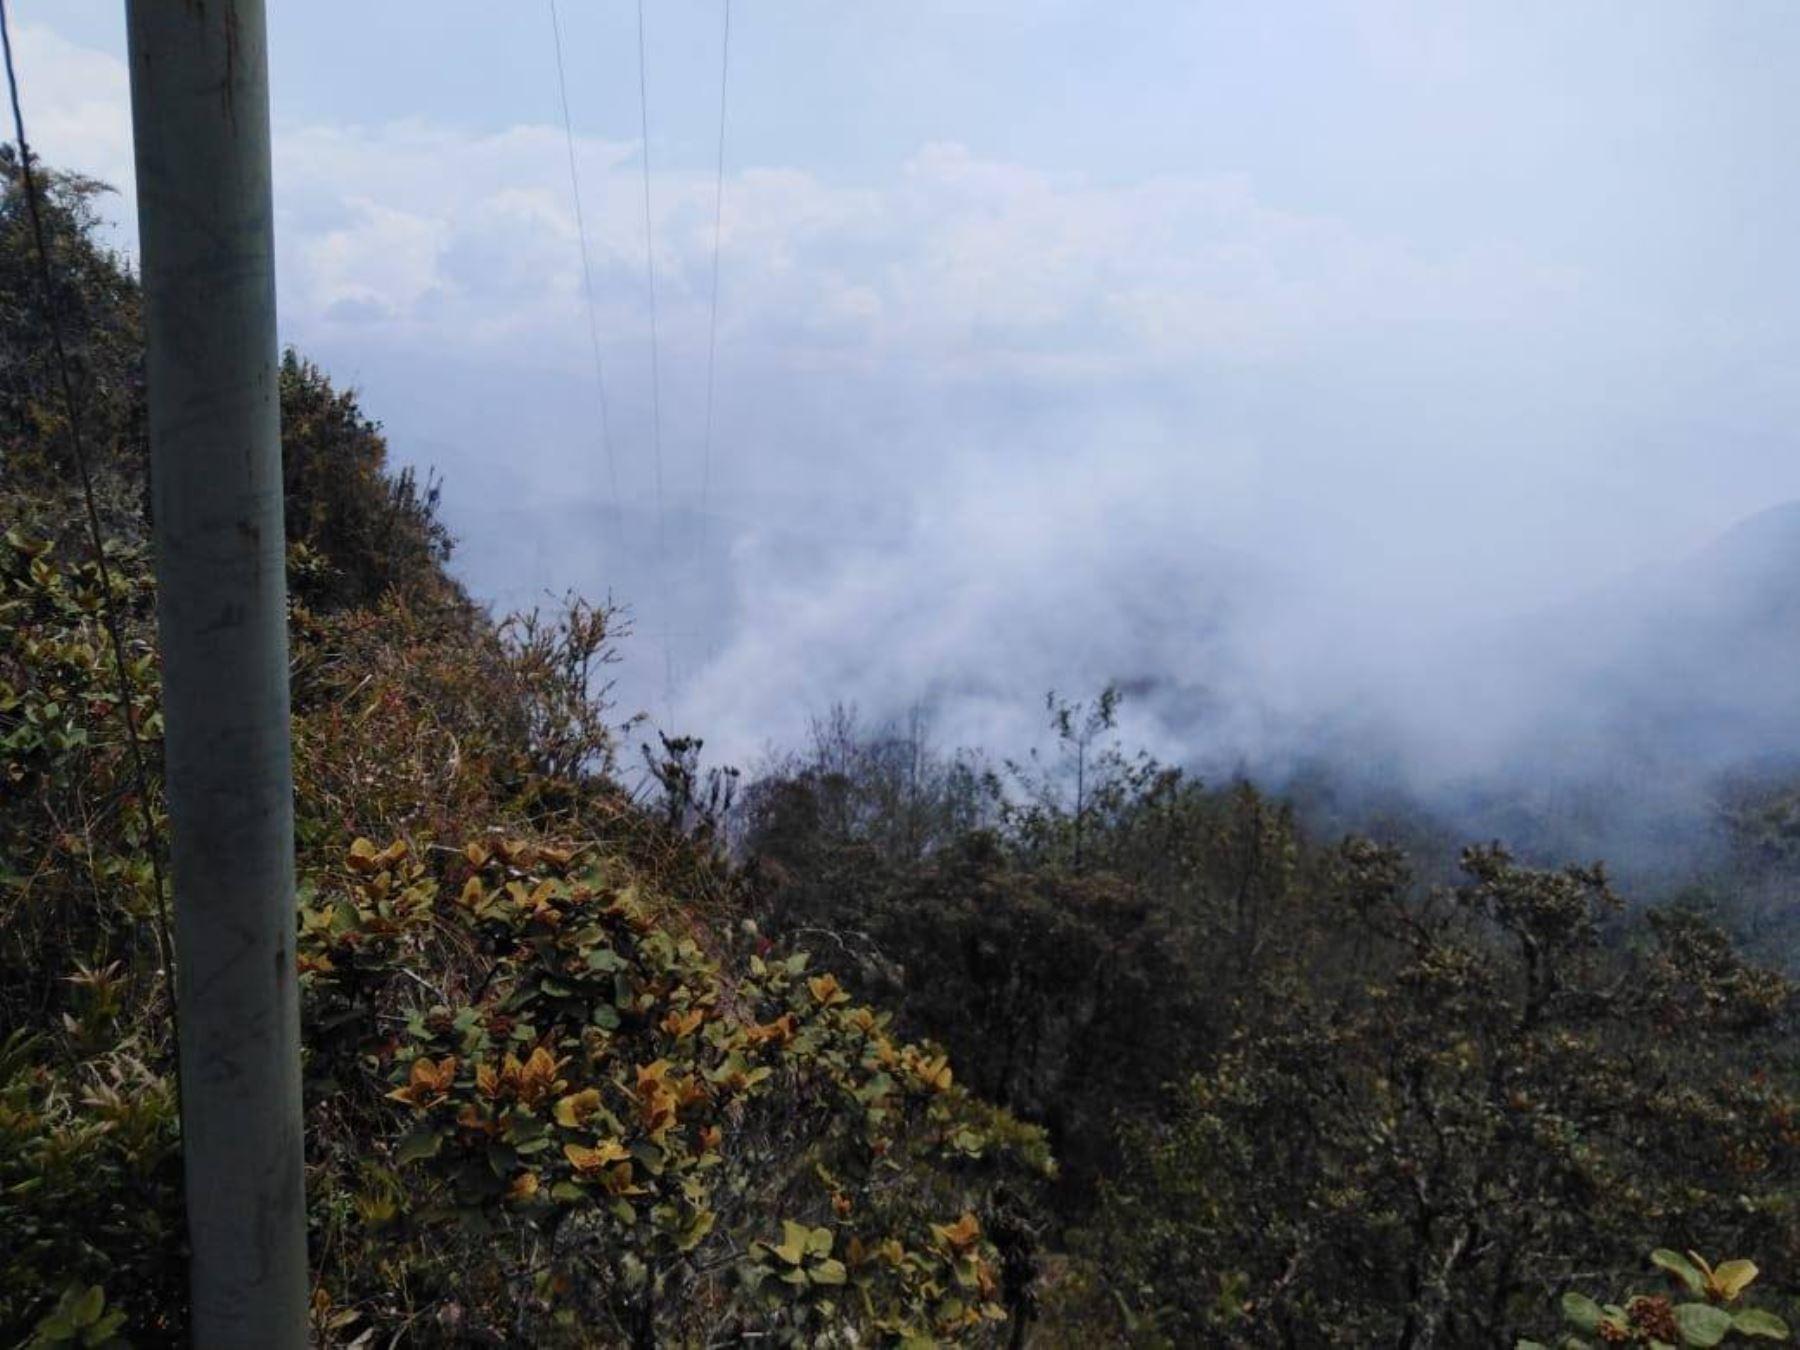 Dos incendios forestales ocurridos en la región Amazonas fueron ser extinguidos sin dejar daños personales, informó el Instituto Nacional de Defensa Civil (Indeci) al Centro de Operaciones de Emergencia Nacional (COEN). ANDINA/Difusión